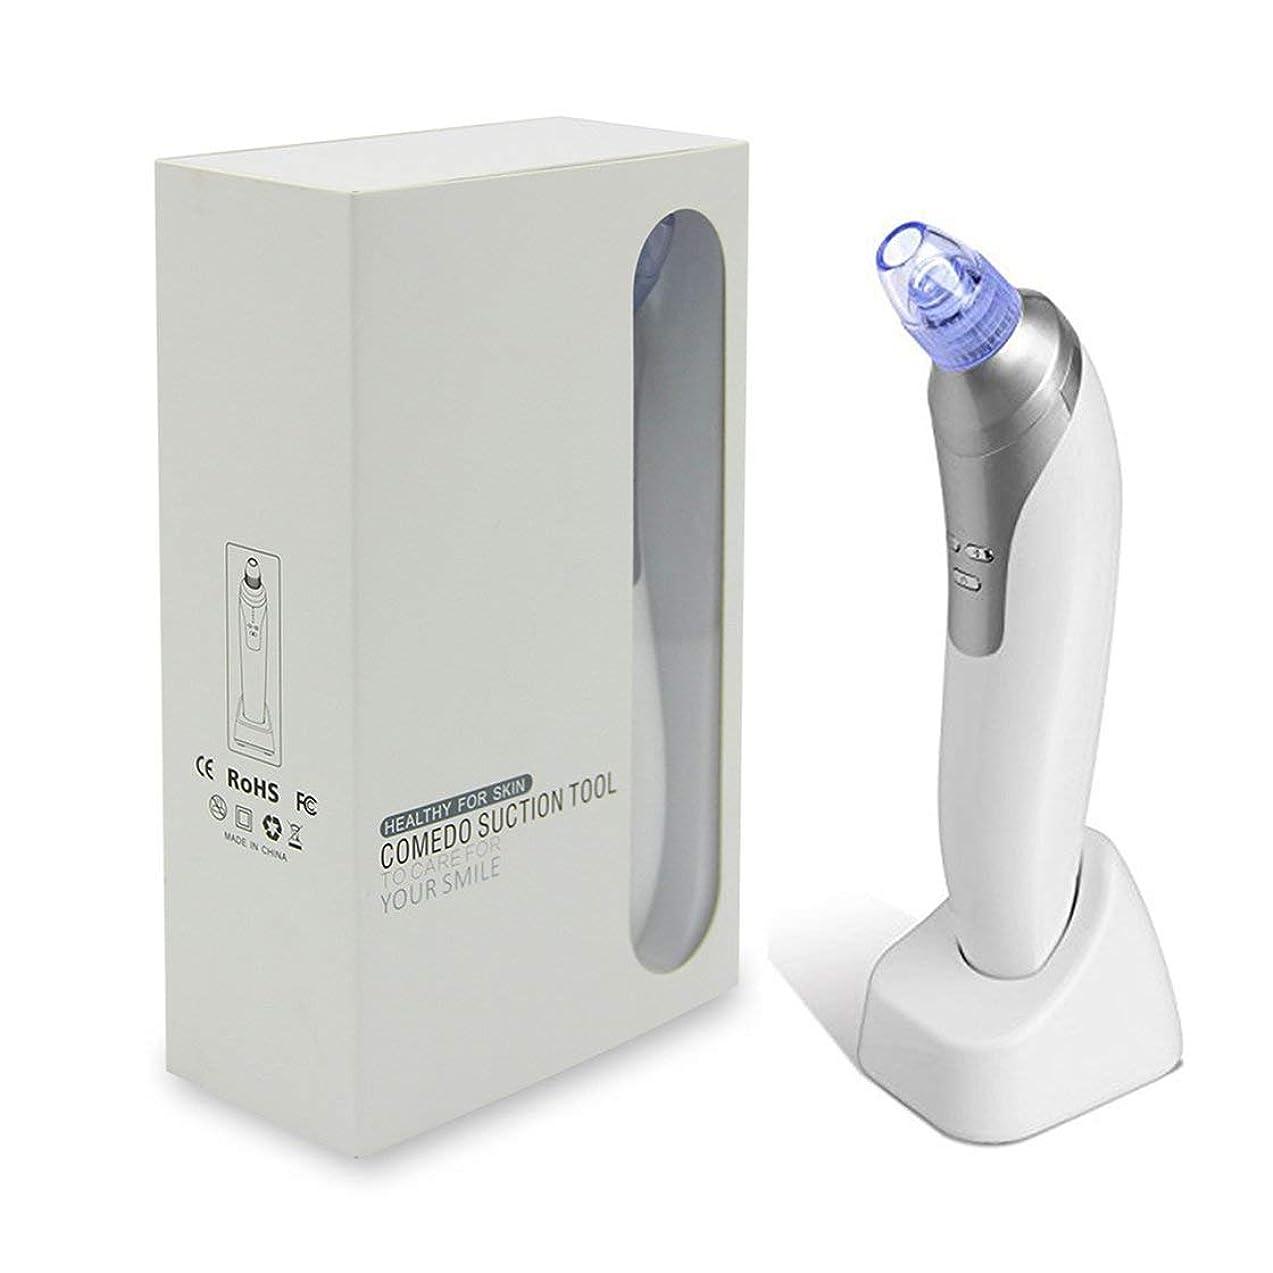 充電式バキュームブラックヘッドリムーバーフェイシャルバキュームポアクリーナー鼻にきびフェイシャルスキンケアデバイス(ホワイト) (Rustle666)